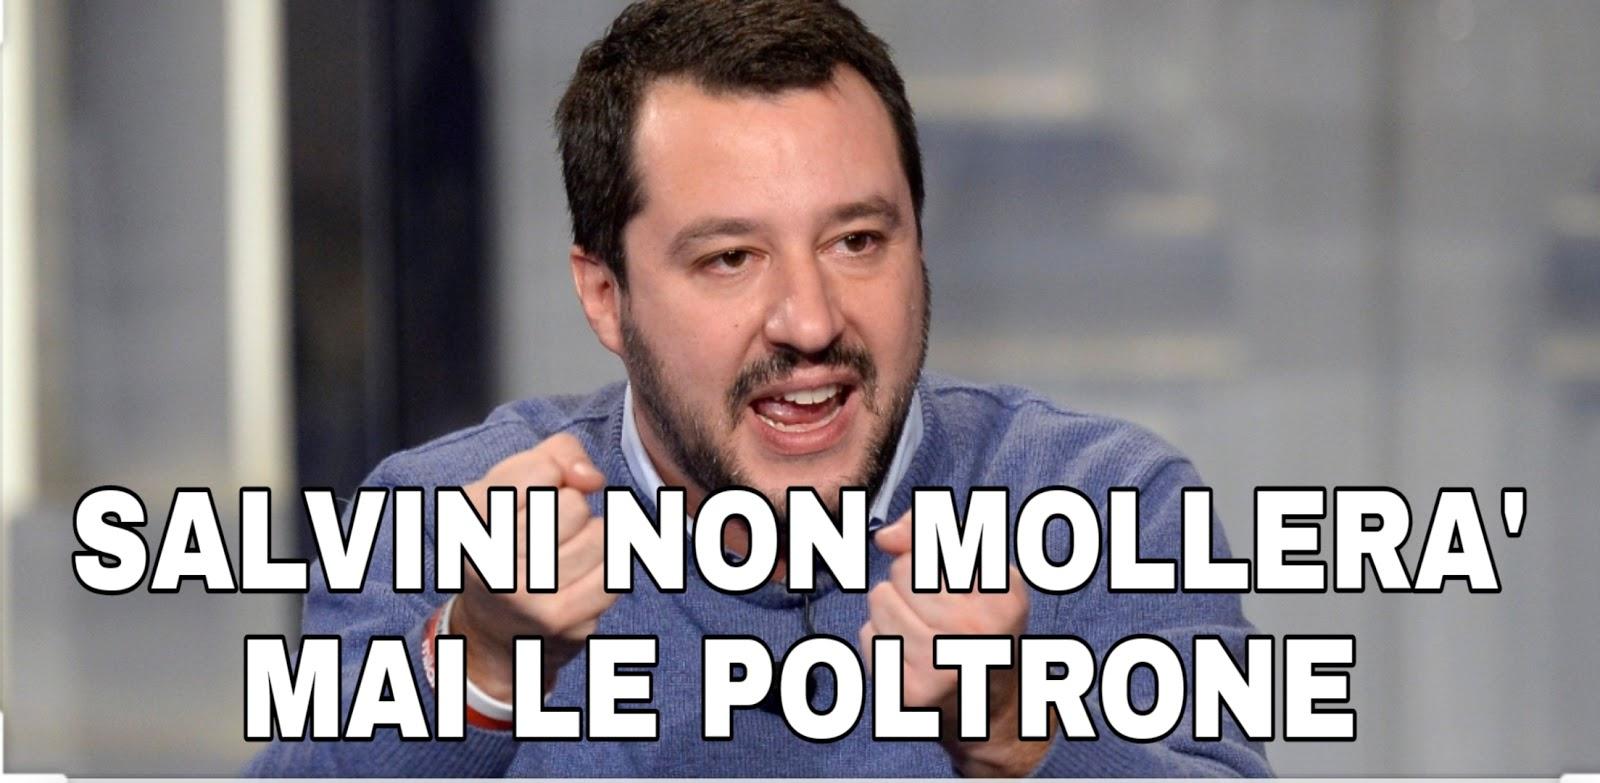 Salvini: A fine carriera mi candidero' a sindaco di Milano. Poltronaro fino alla fine.